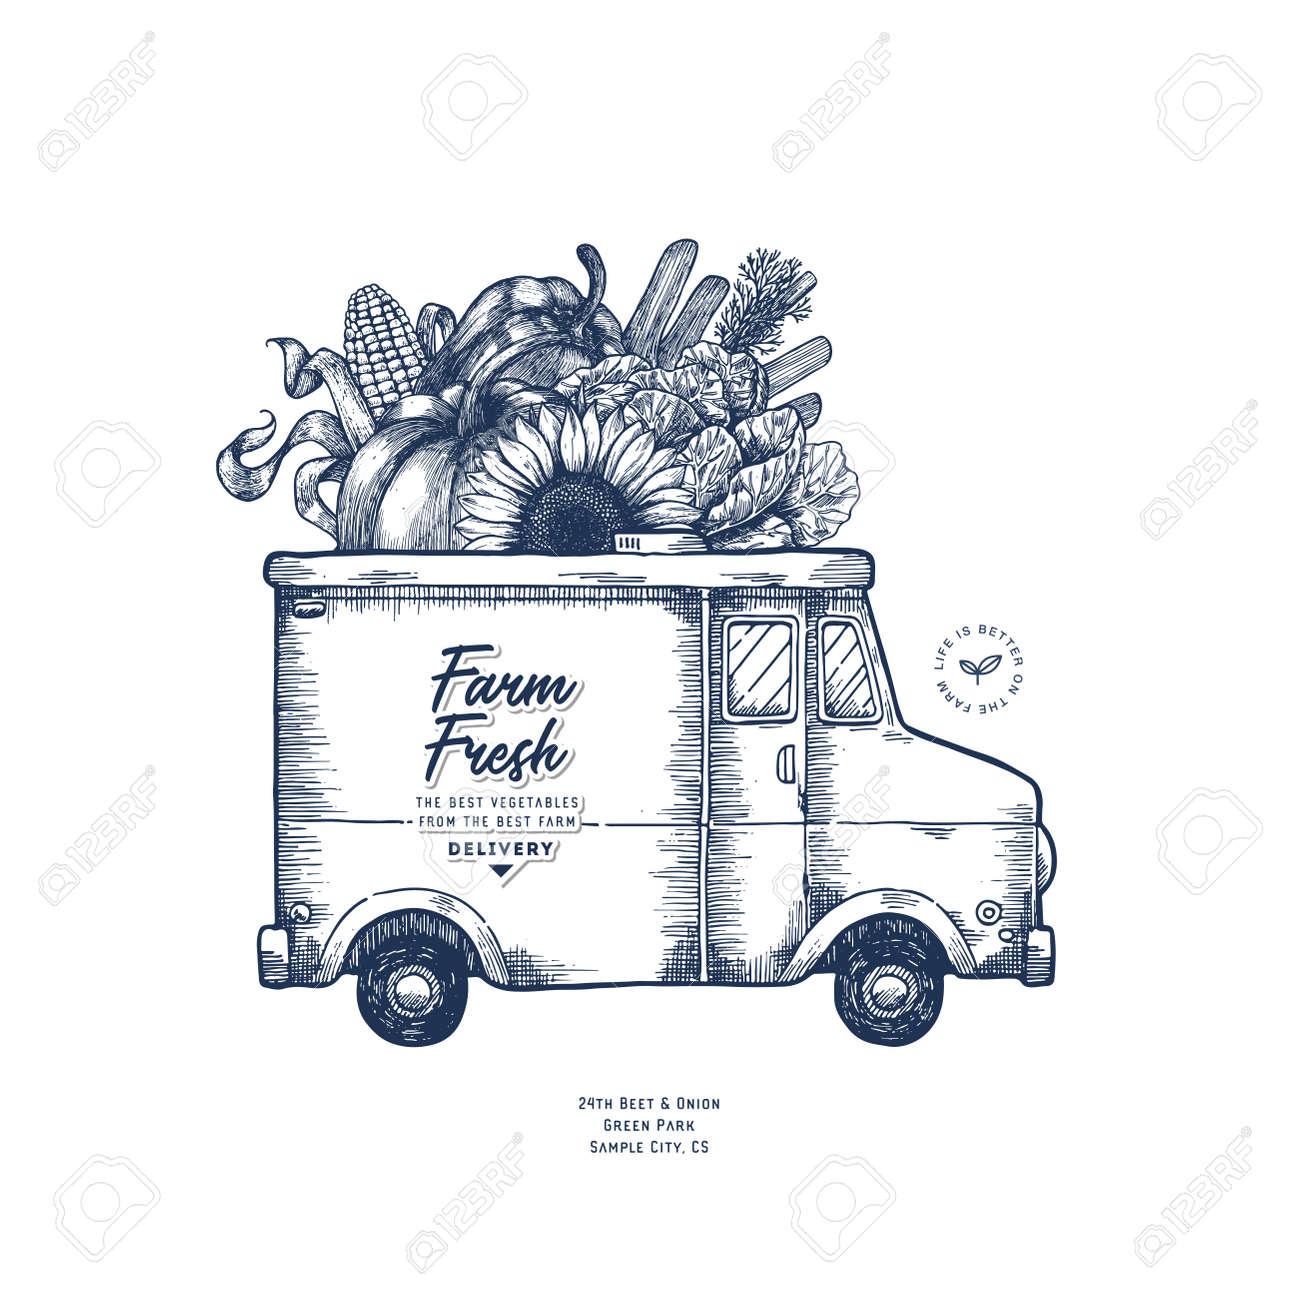 Farm Fresh Delivery Design Template Classic Food Truck With - Food truck design template